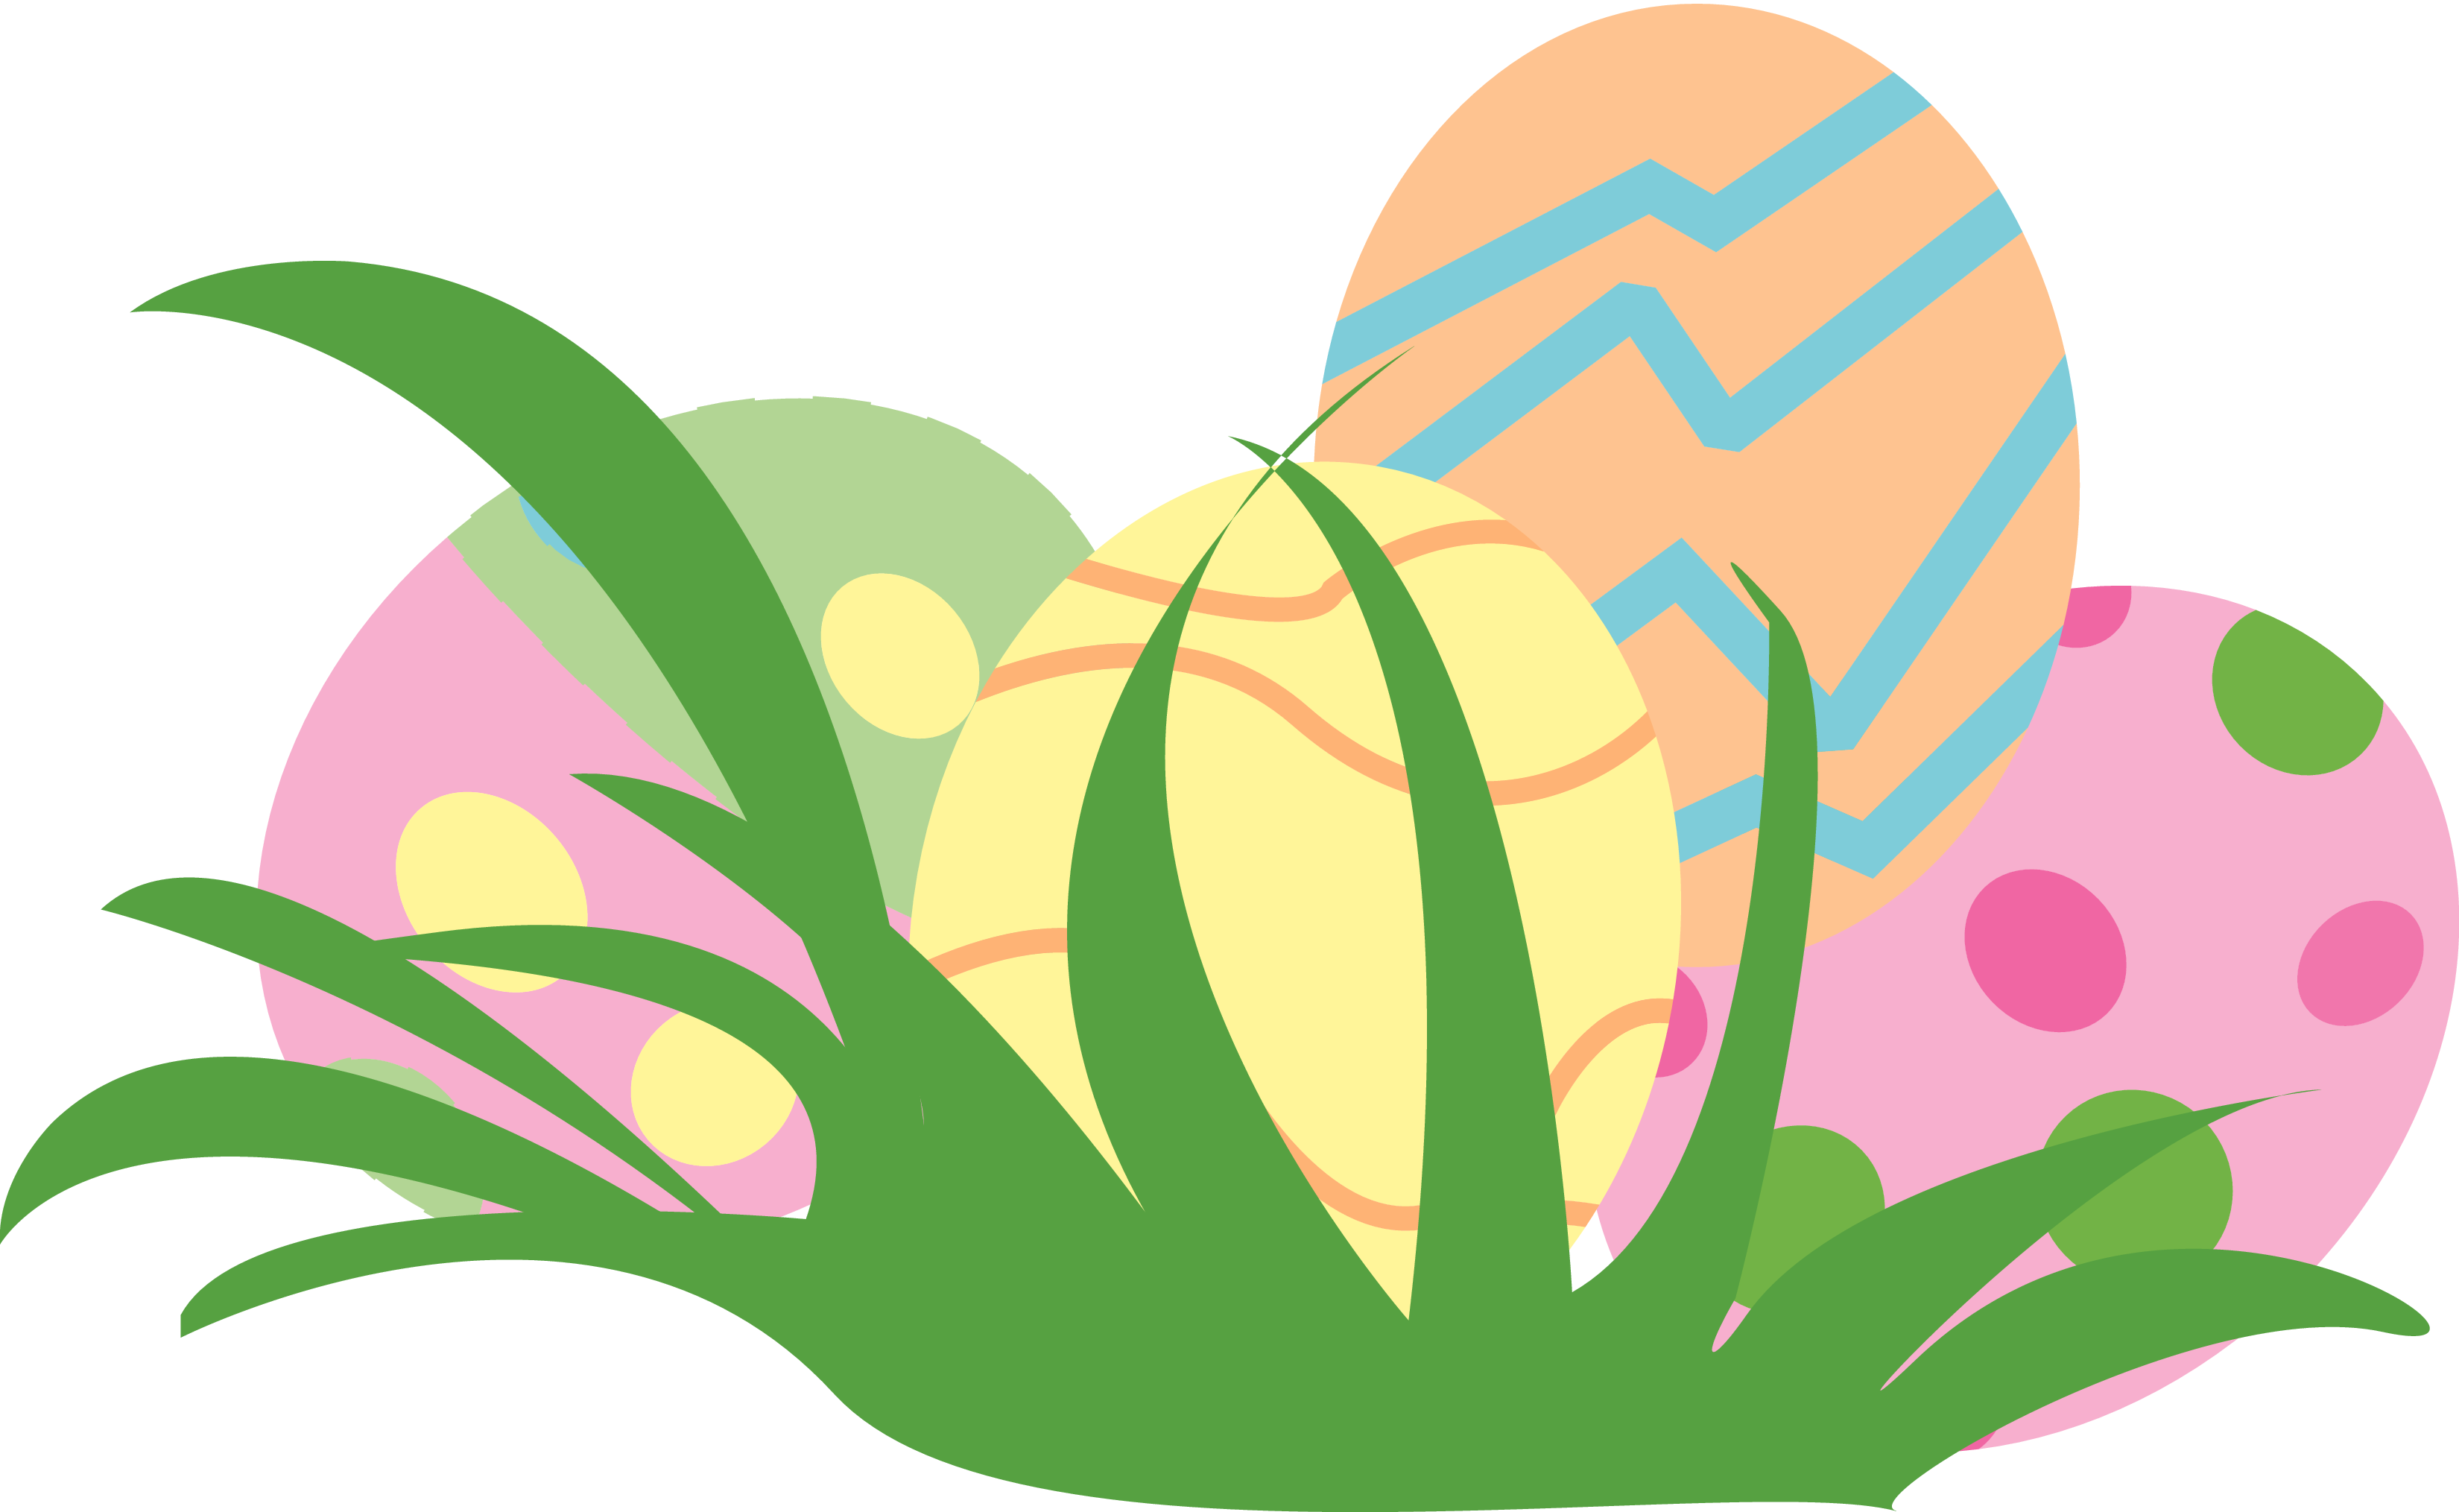 Pastel Easter Egg Clipart .-Pastel Easter Egg Clipart .-8